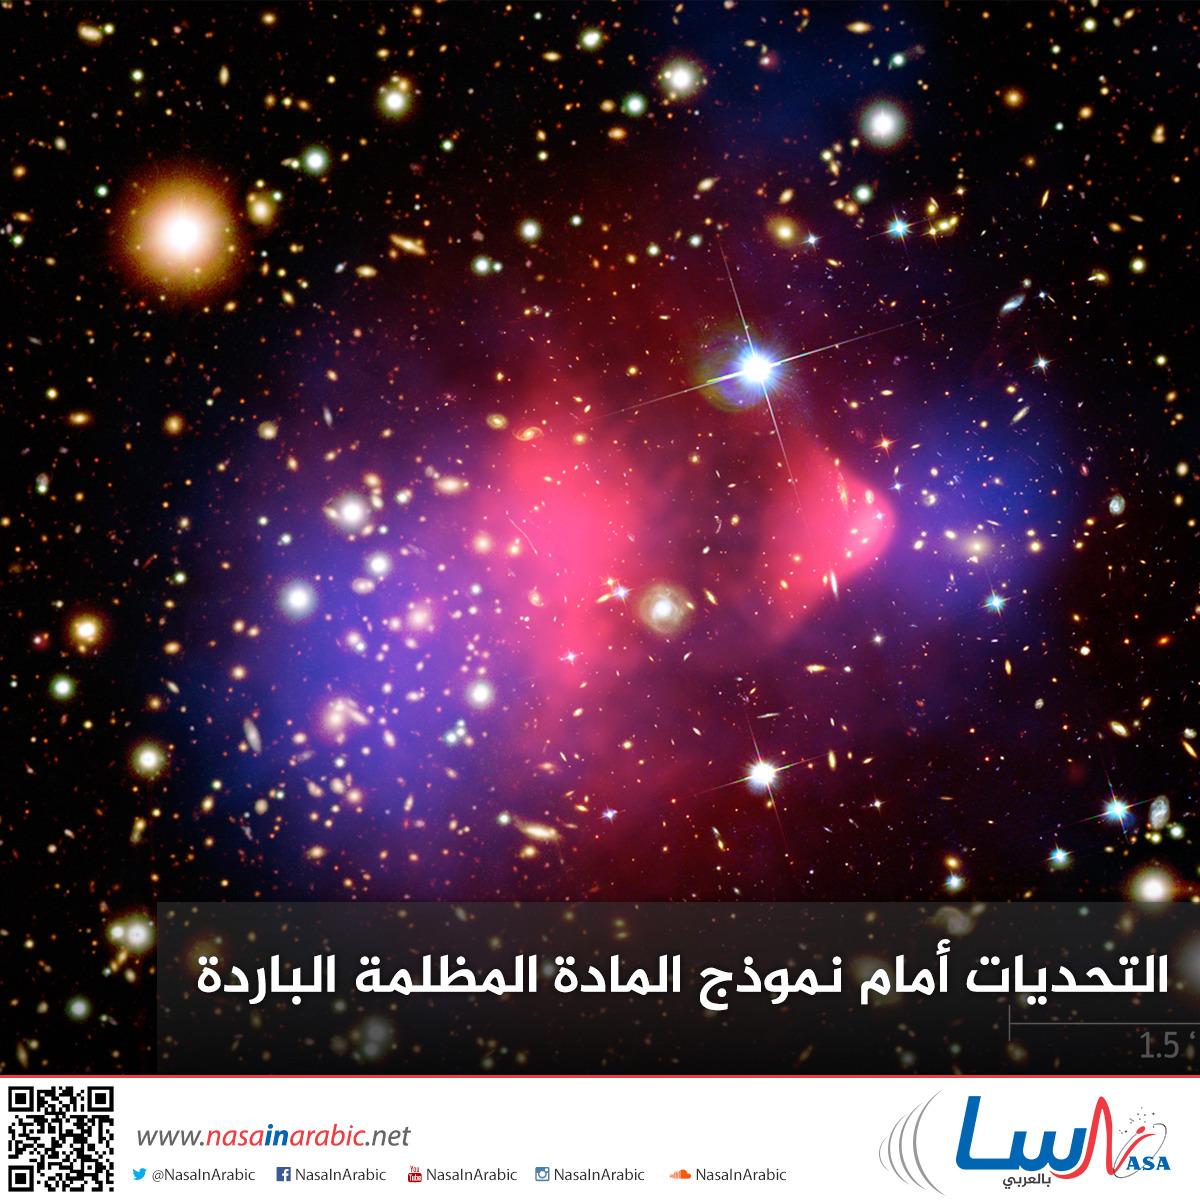 التحديات أمام نموذج المادة المظلمة الباردة